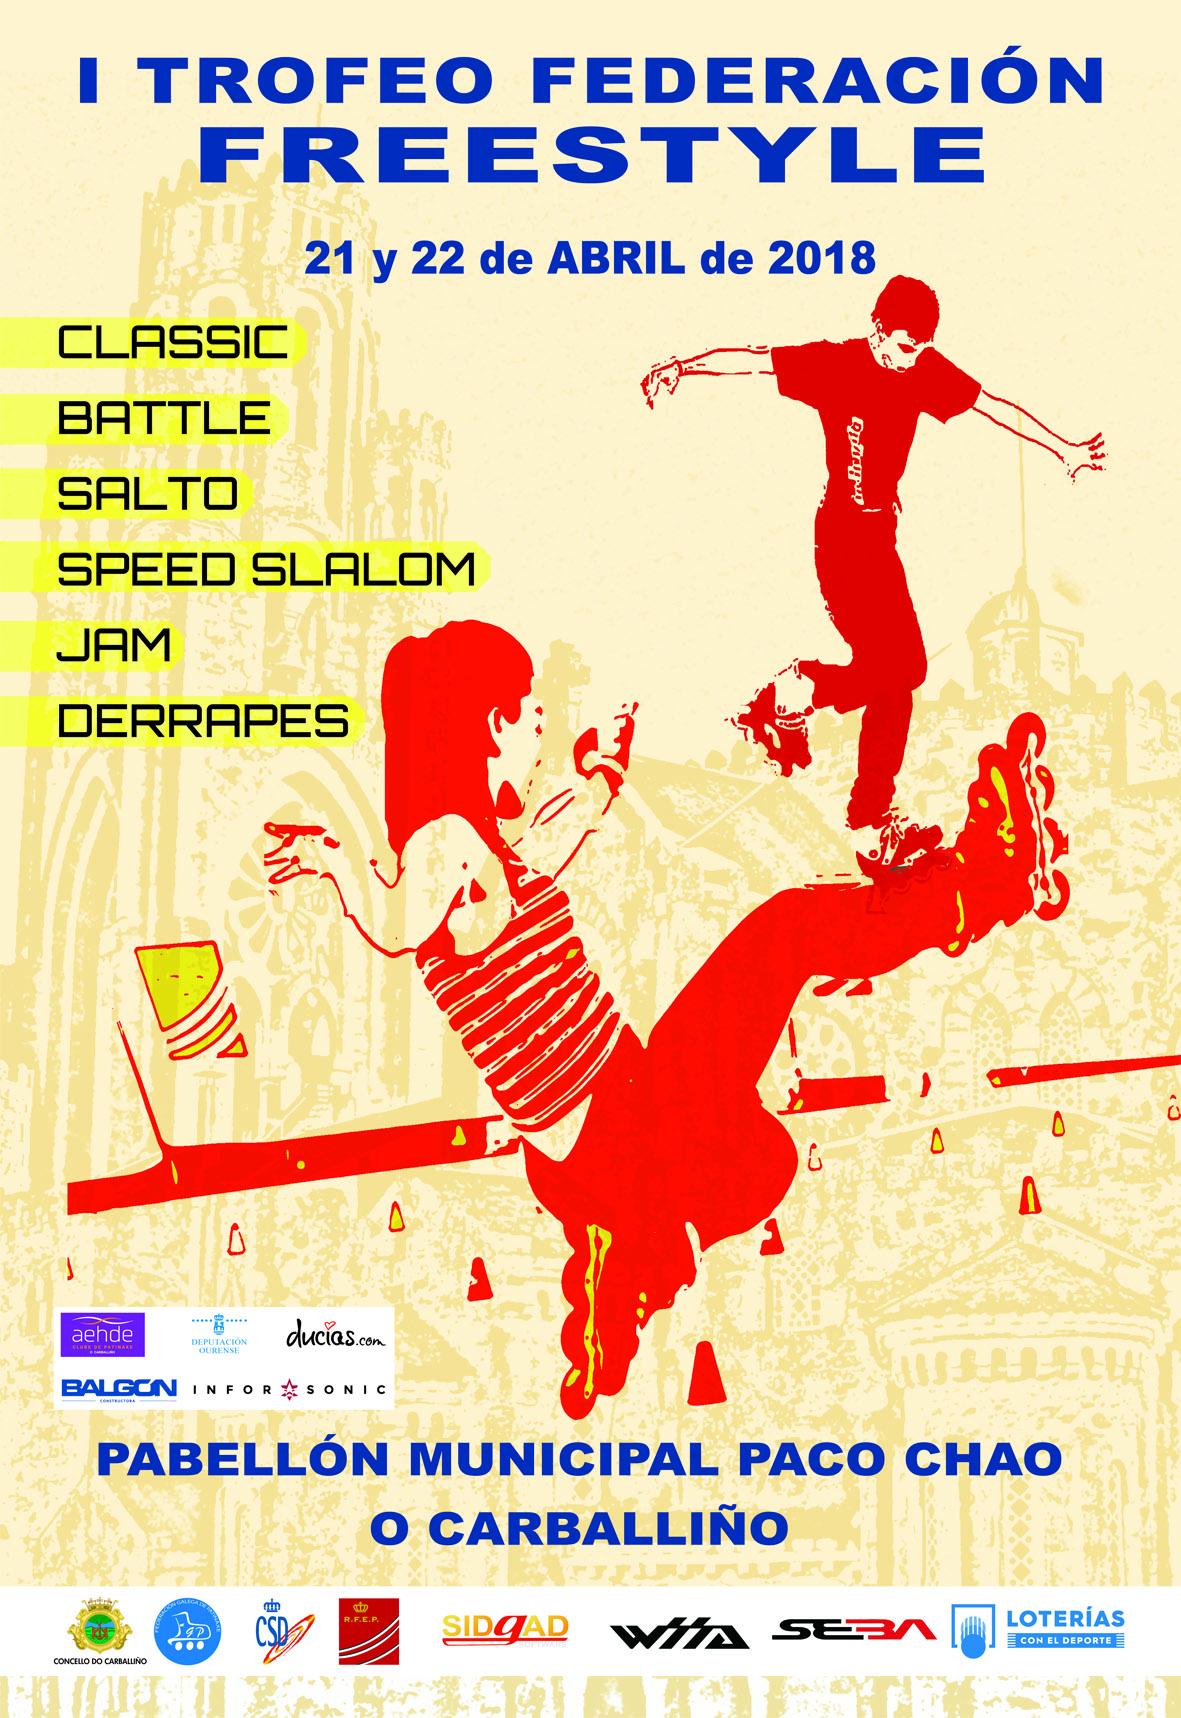 Copa Federación - 2ª Div. Freestyle @ Carballiño | Galicia | España